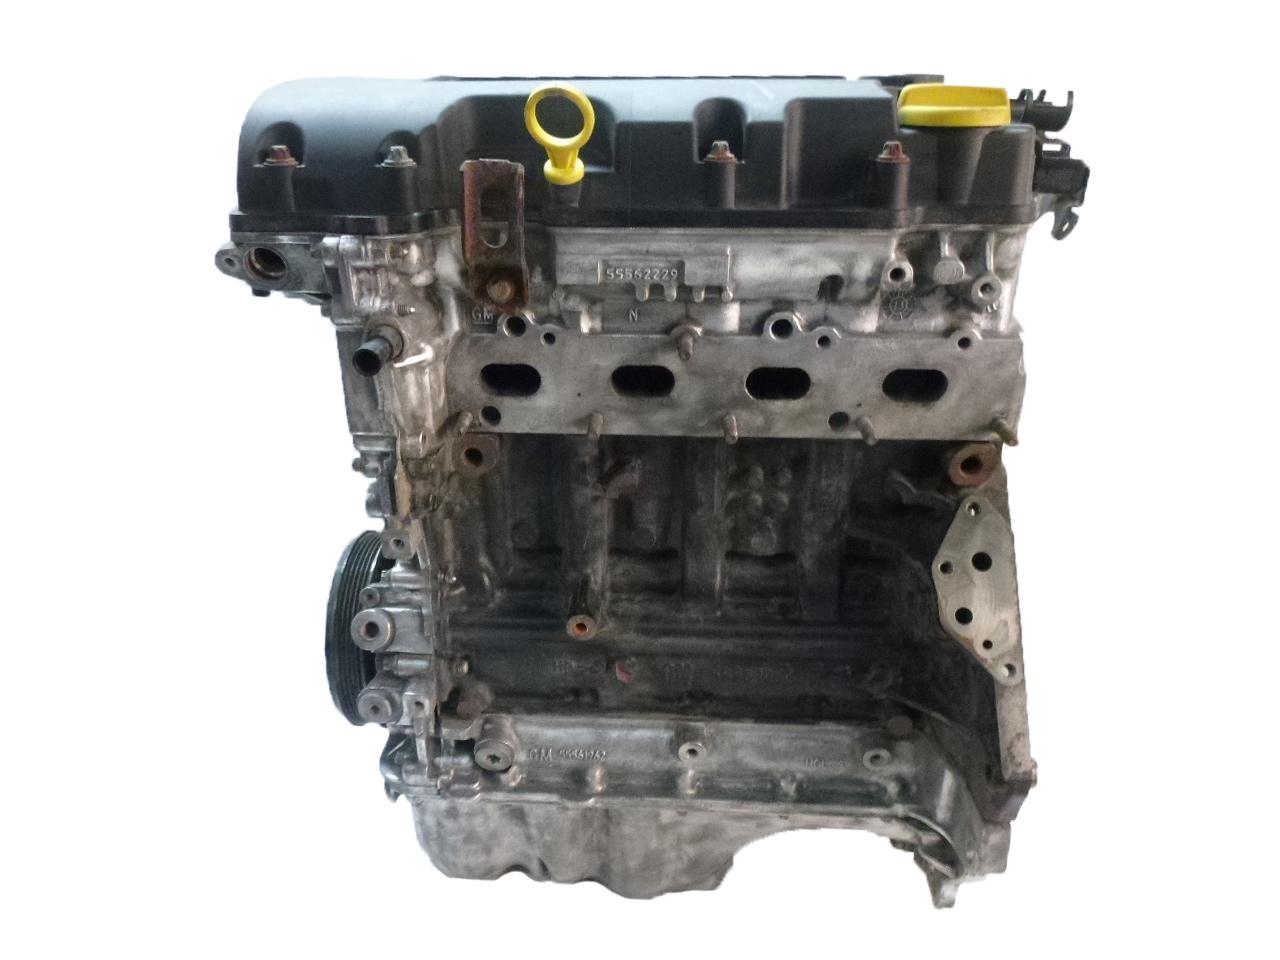 Motor Opel Chevrolet Corsa D Aveo 1,2 Benzin A12XER DE313093